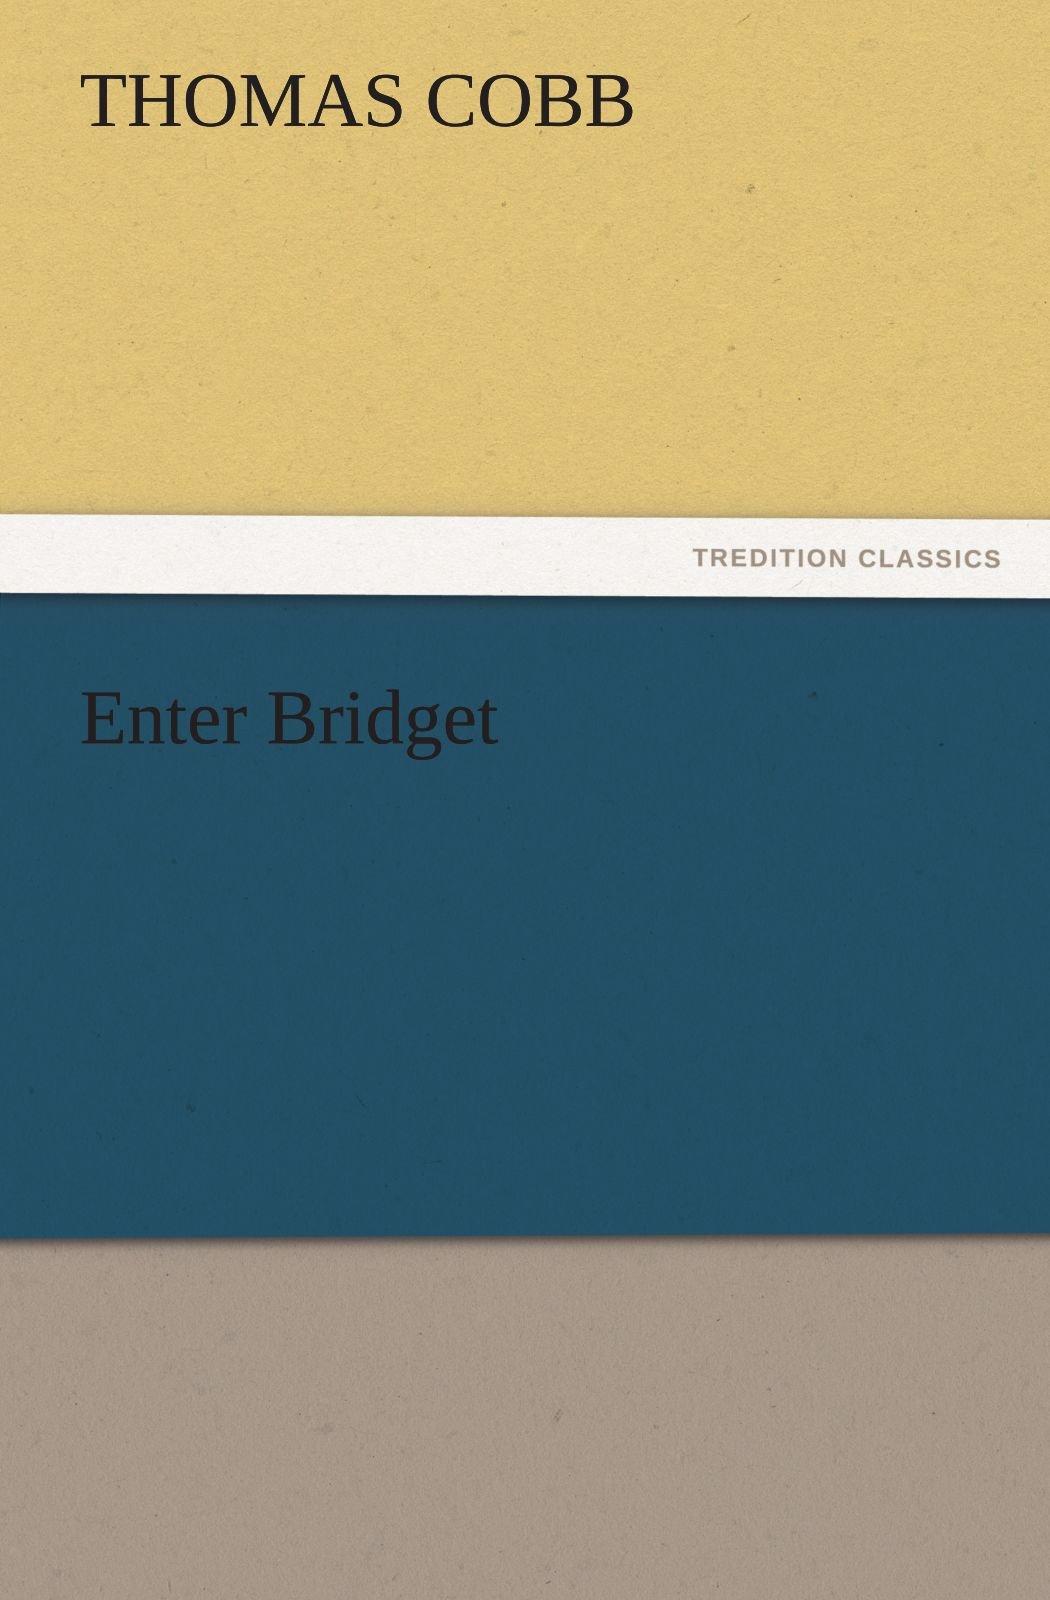 Enter Bridget (TREDITION CLASSICS) PDF